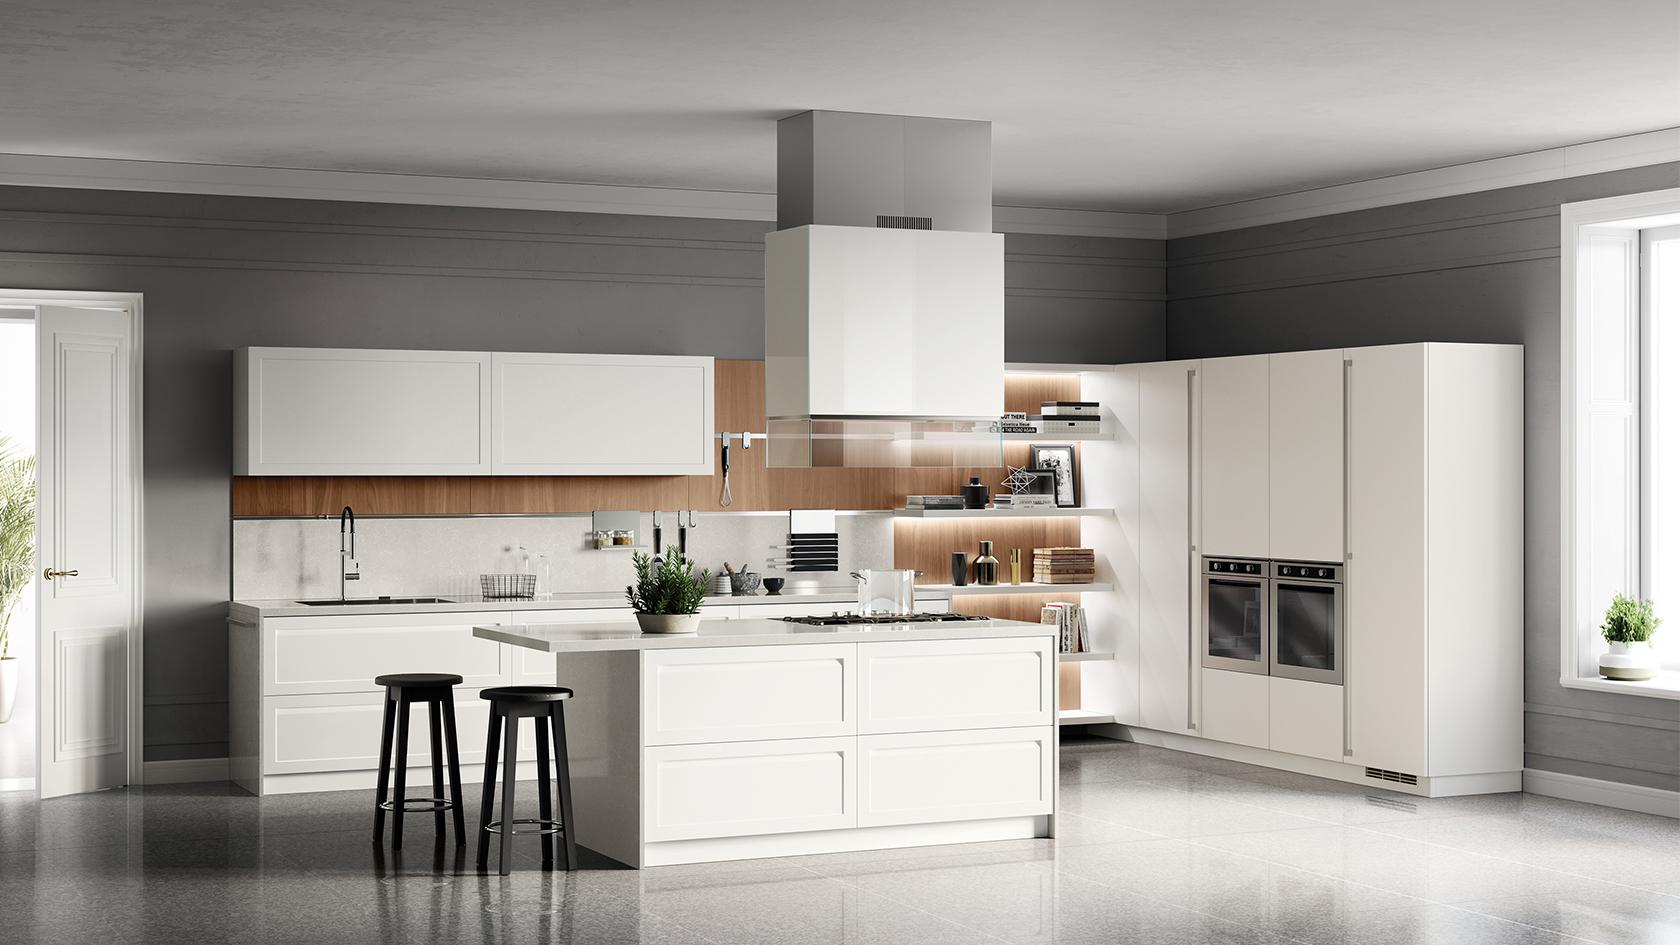 Arredamenti iacobellis laterza mobili moderni e - Ambientazioni cucine moderne ...